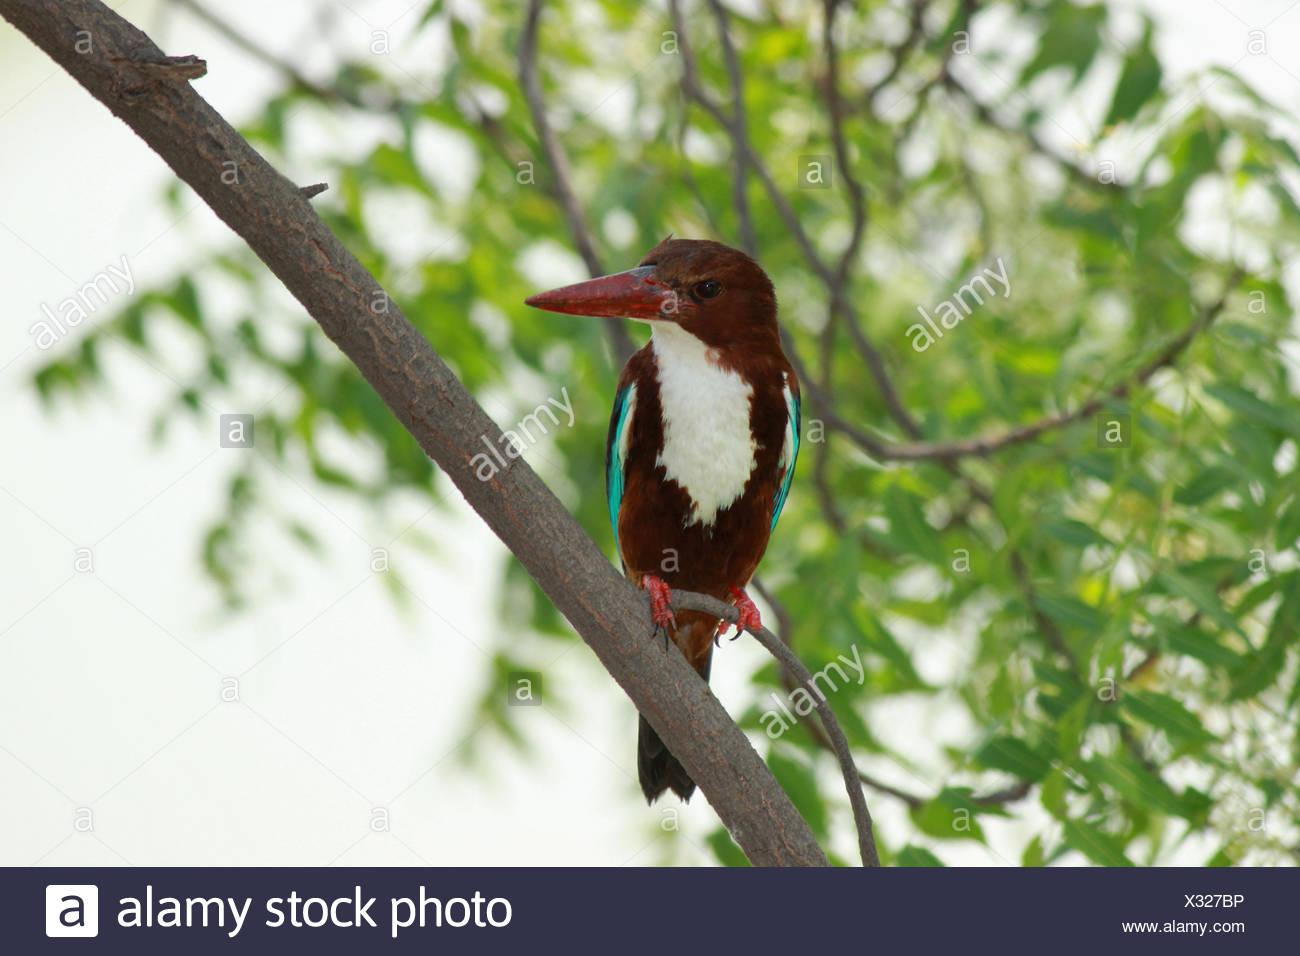 White-throated kingfisher, Halcyon smyrnensis, Maharashtra, India. - Stock Image